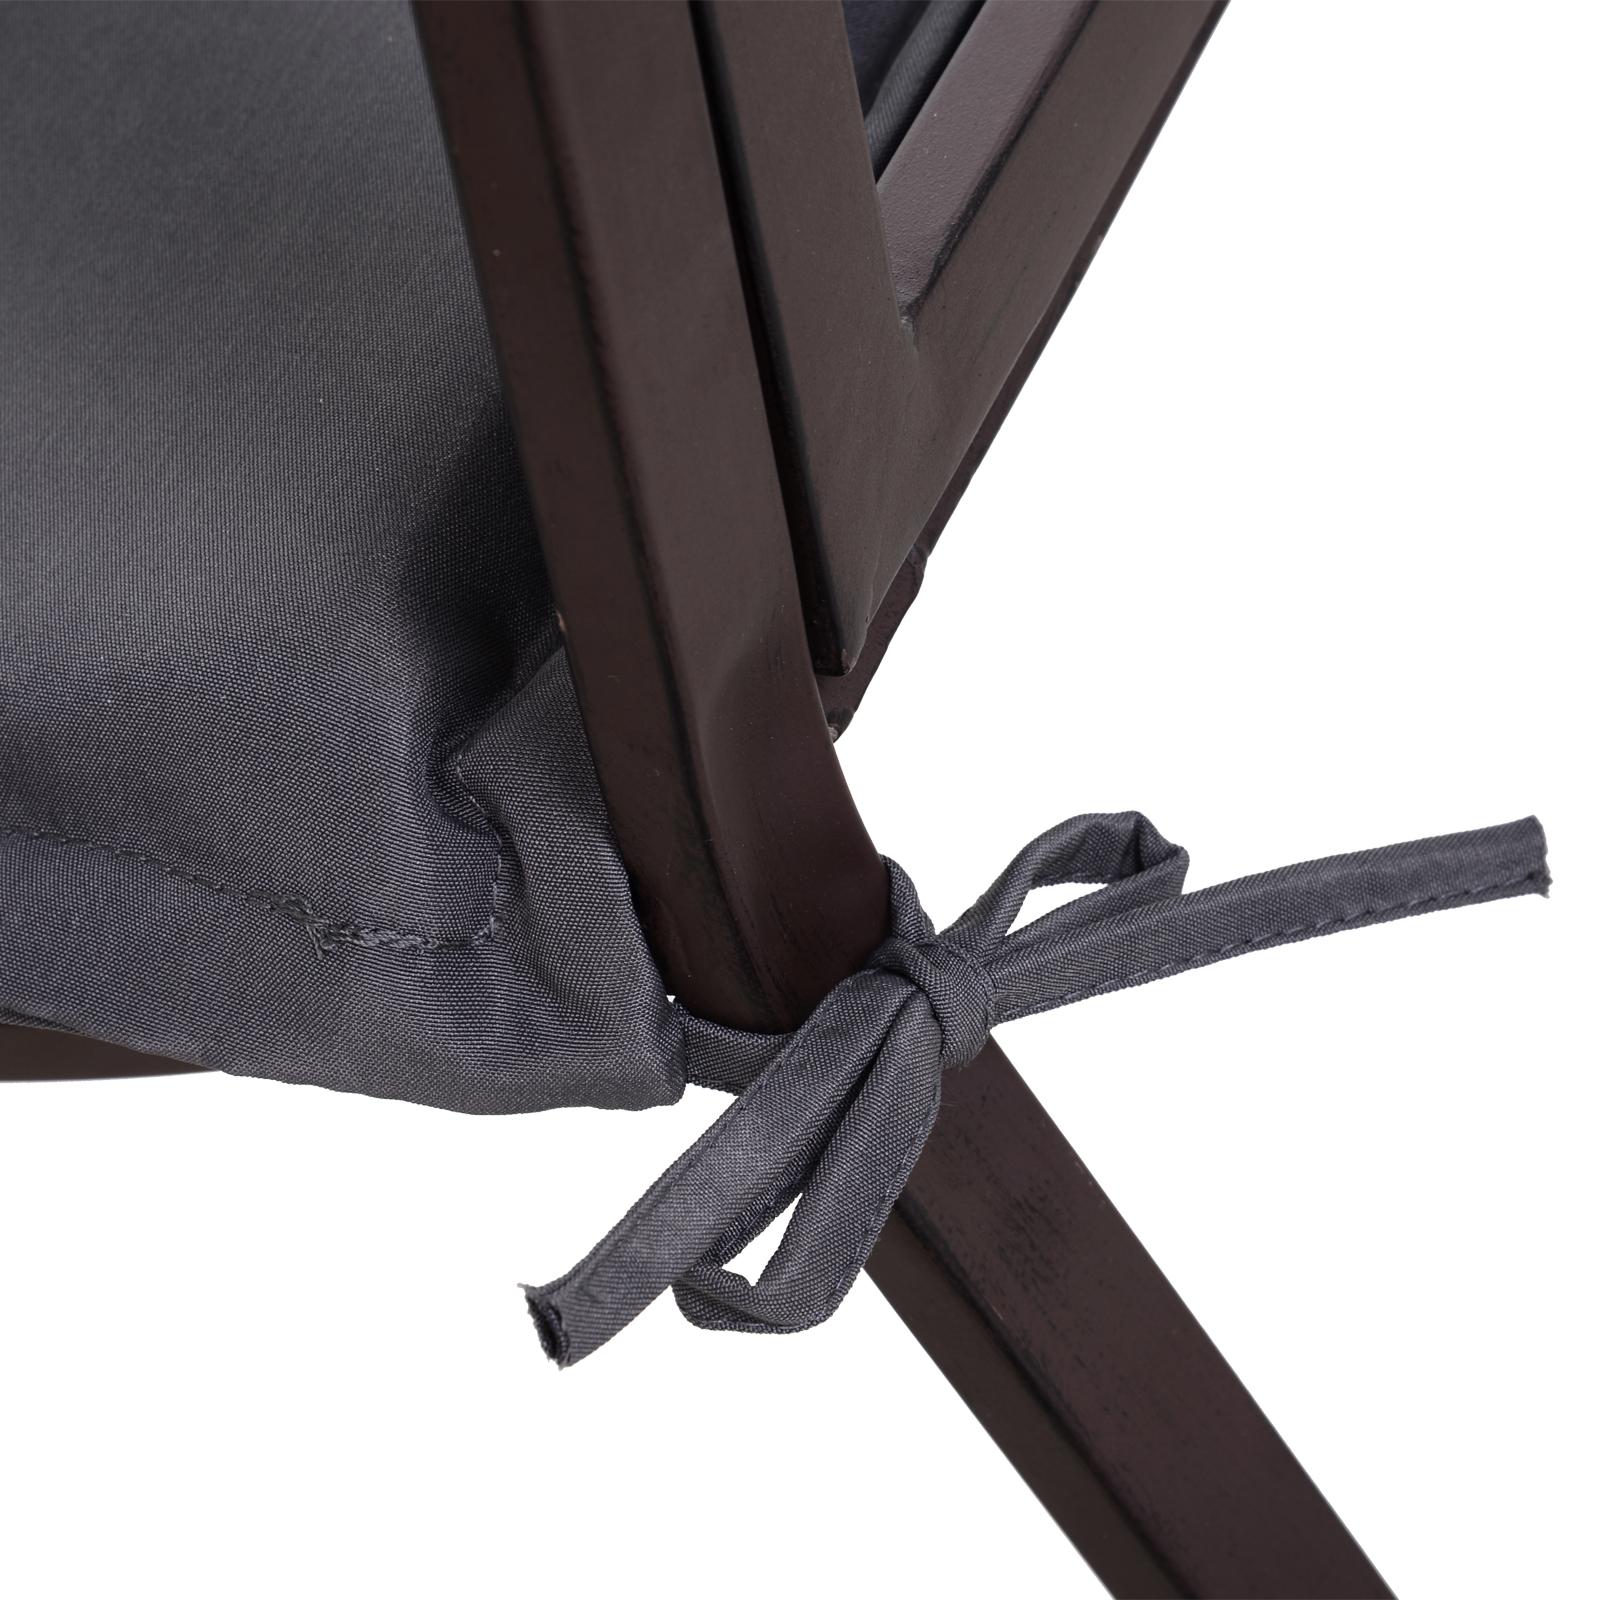 Indexbild 27 - Outsunny Bankauflage 2er Set Bankkissen Sitzkissen Polster Polyester